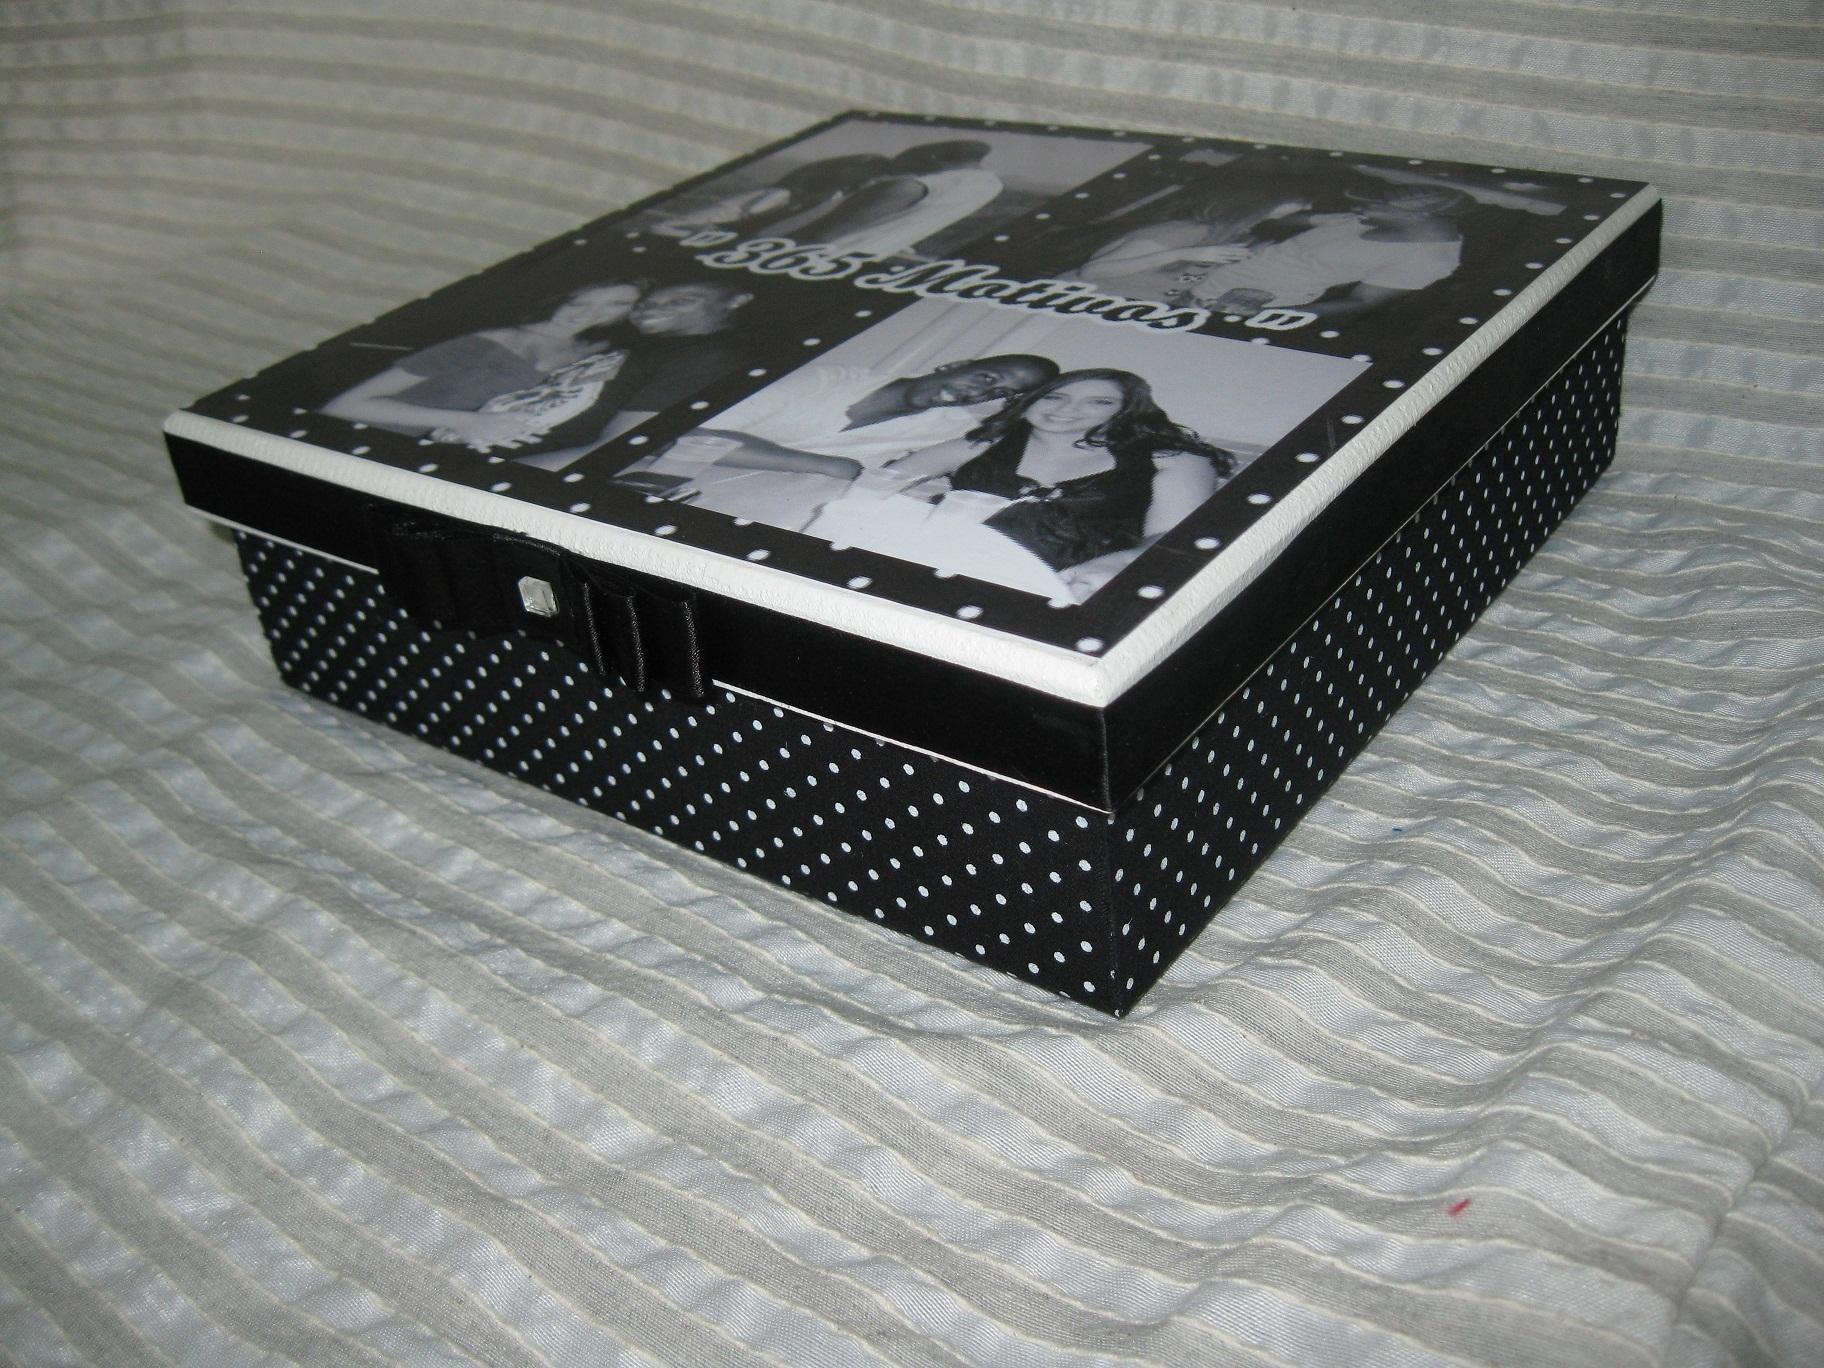 foto caixa mdf personalizada com foto caixa mdf personalizada com foto #4B5159 1824x1368